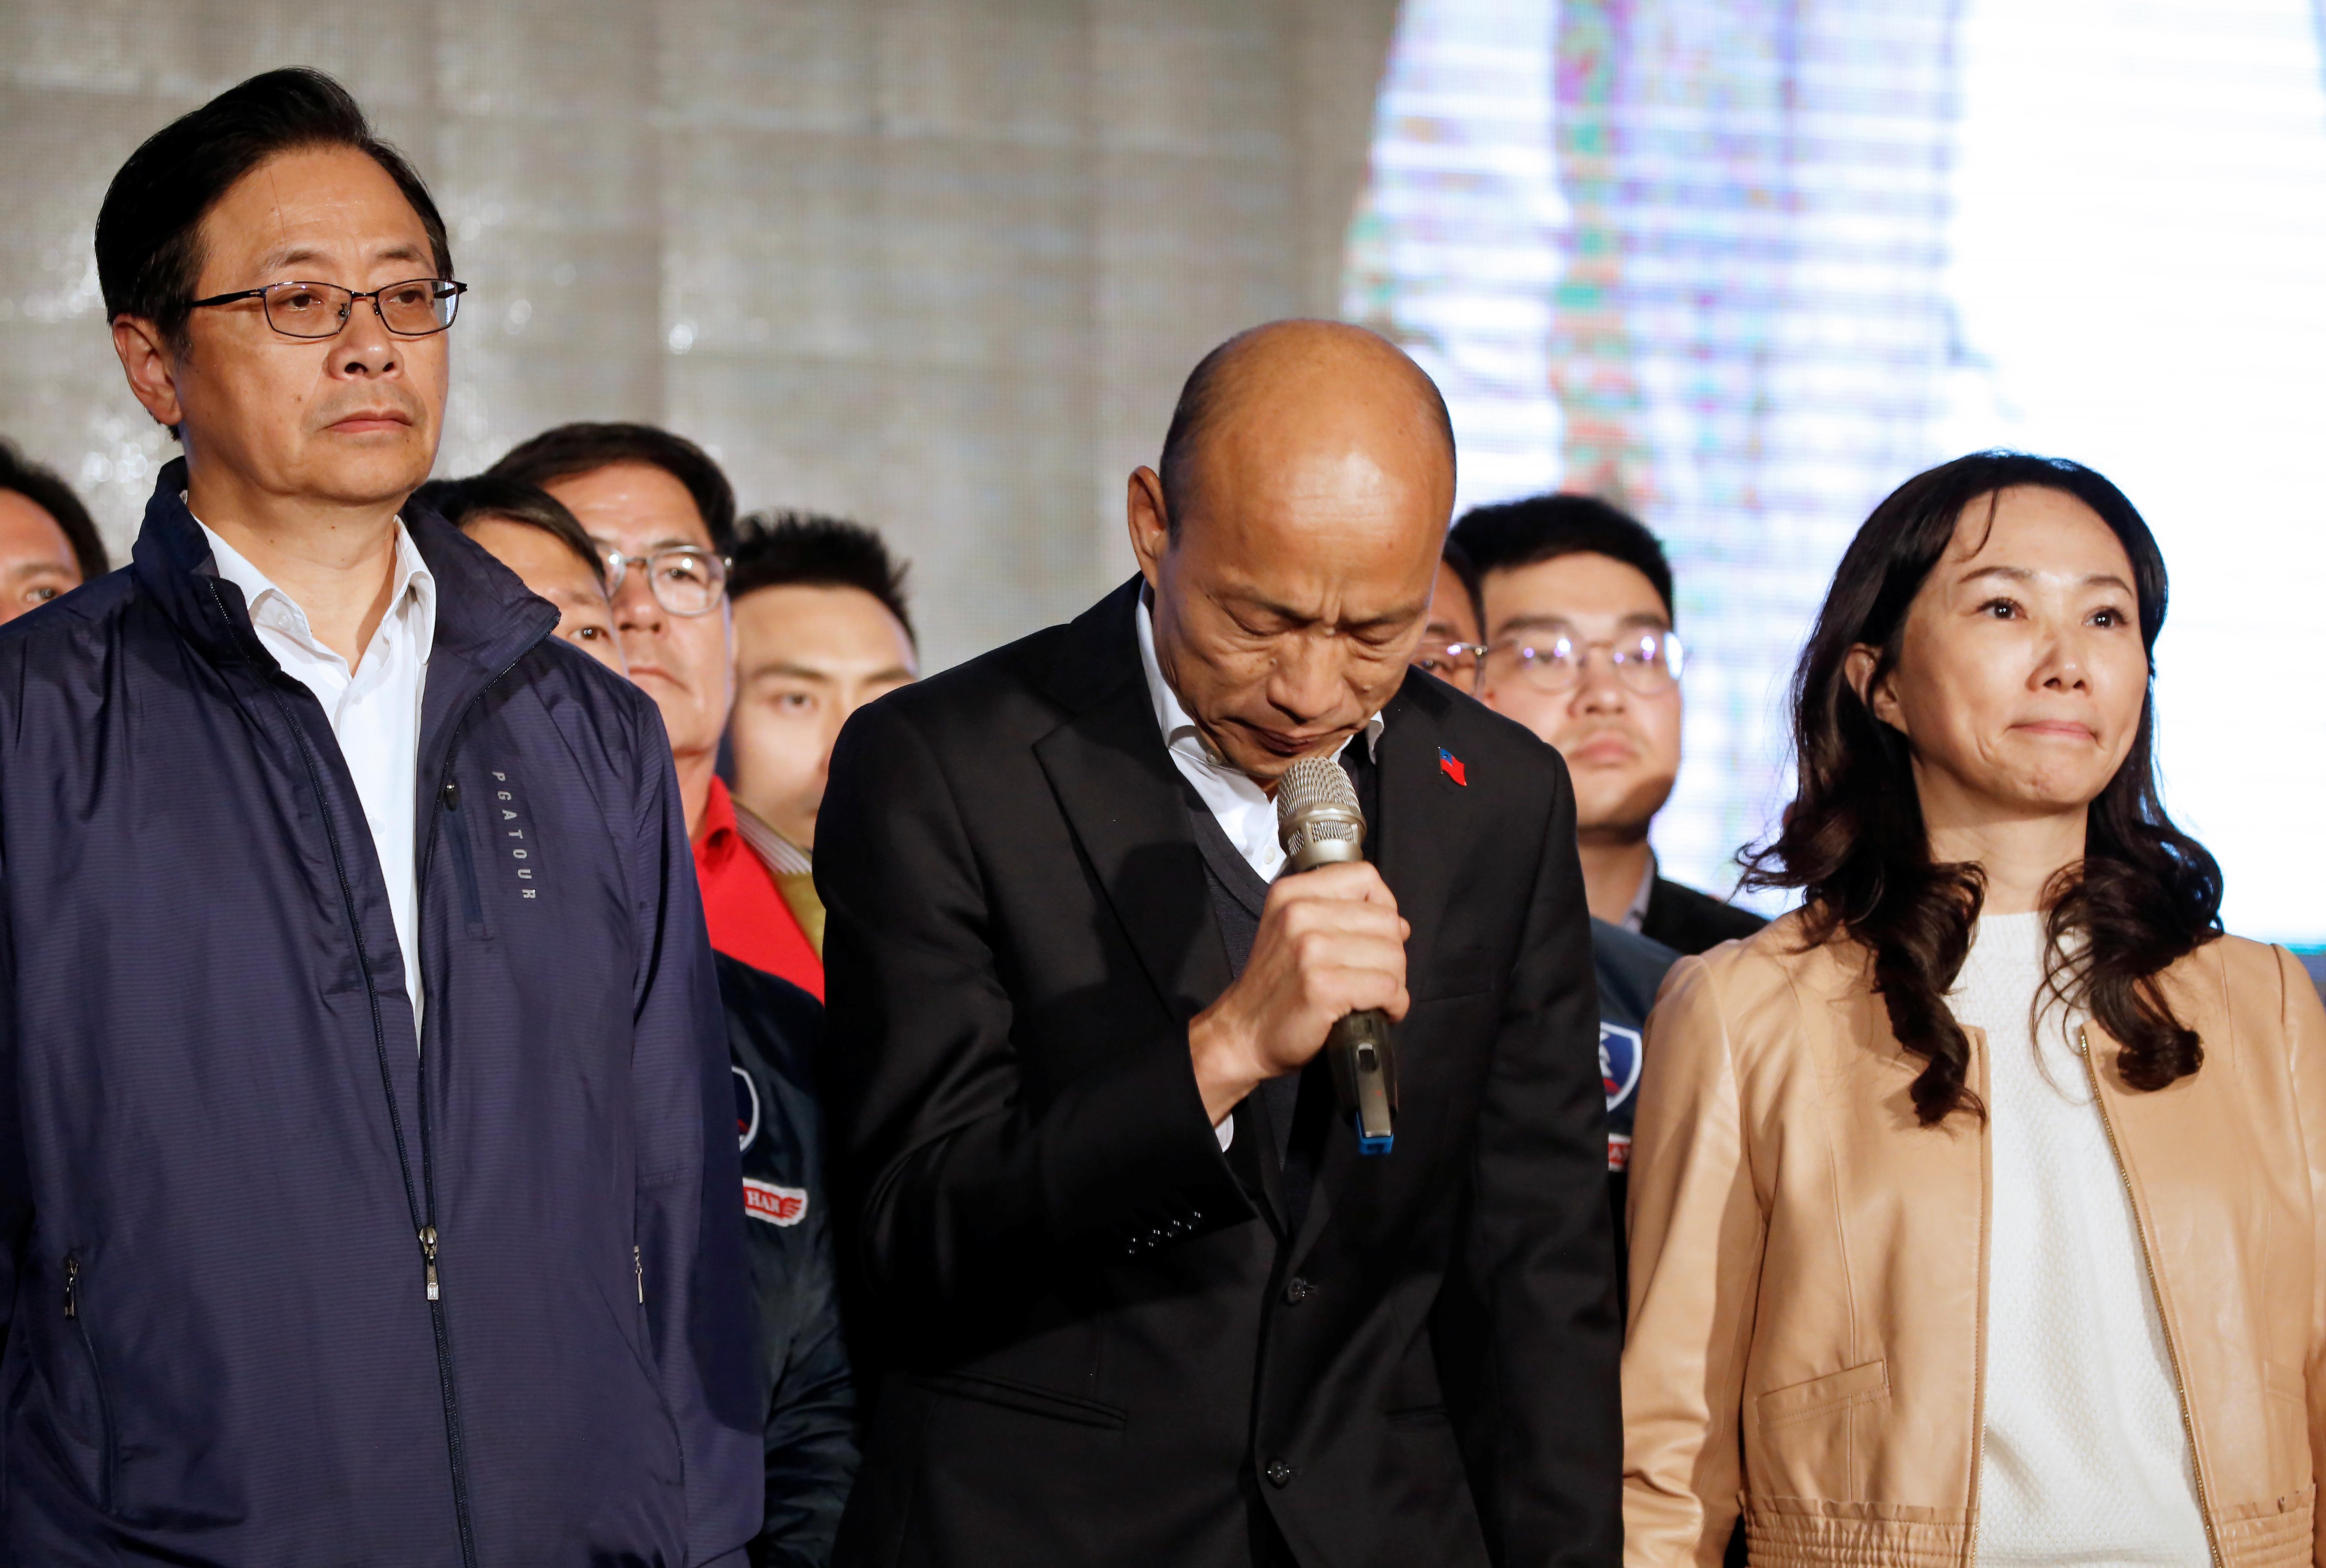 国民党总统候选人韩国瑜(中)、副总统候选人张善政(左)和韩妻李佳芬周六晚间现身高雄市党部外,正式发表败选感言,感谢众人一路相挺。-路透社-